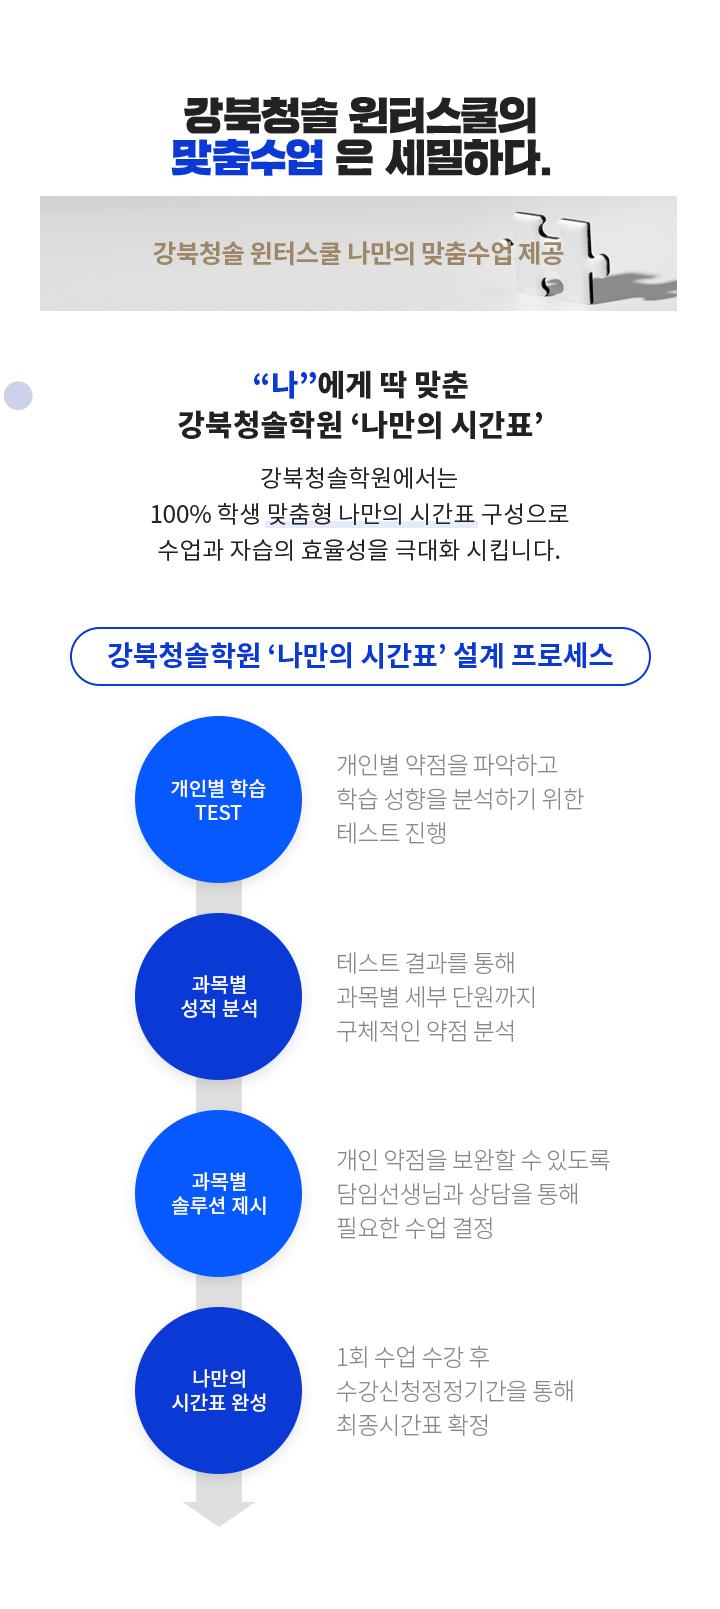 강북청솔 윈터스쿨의 맞춤수업은 세밀하다